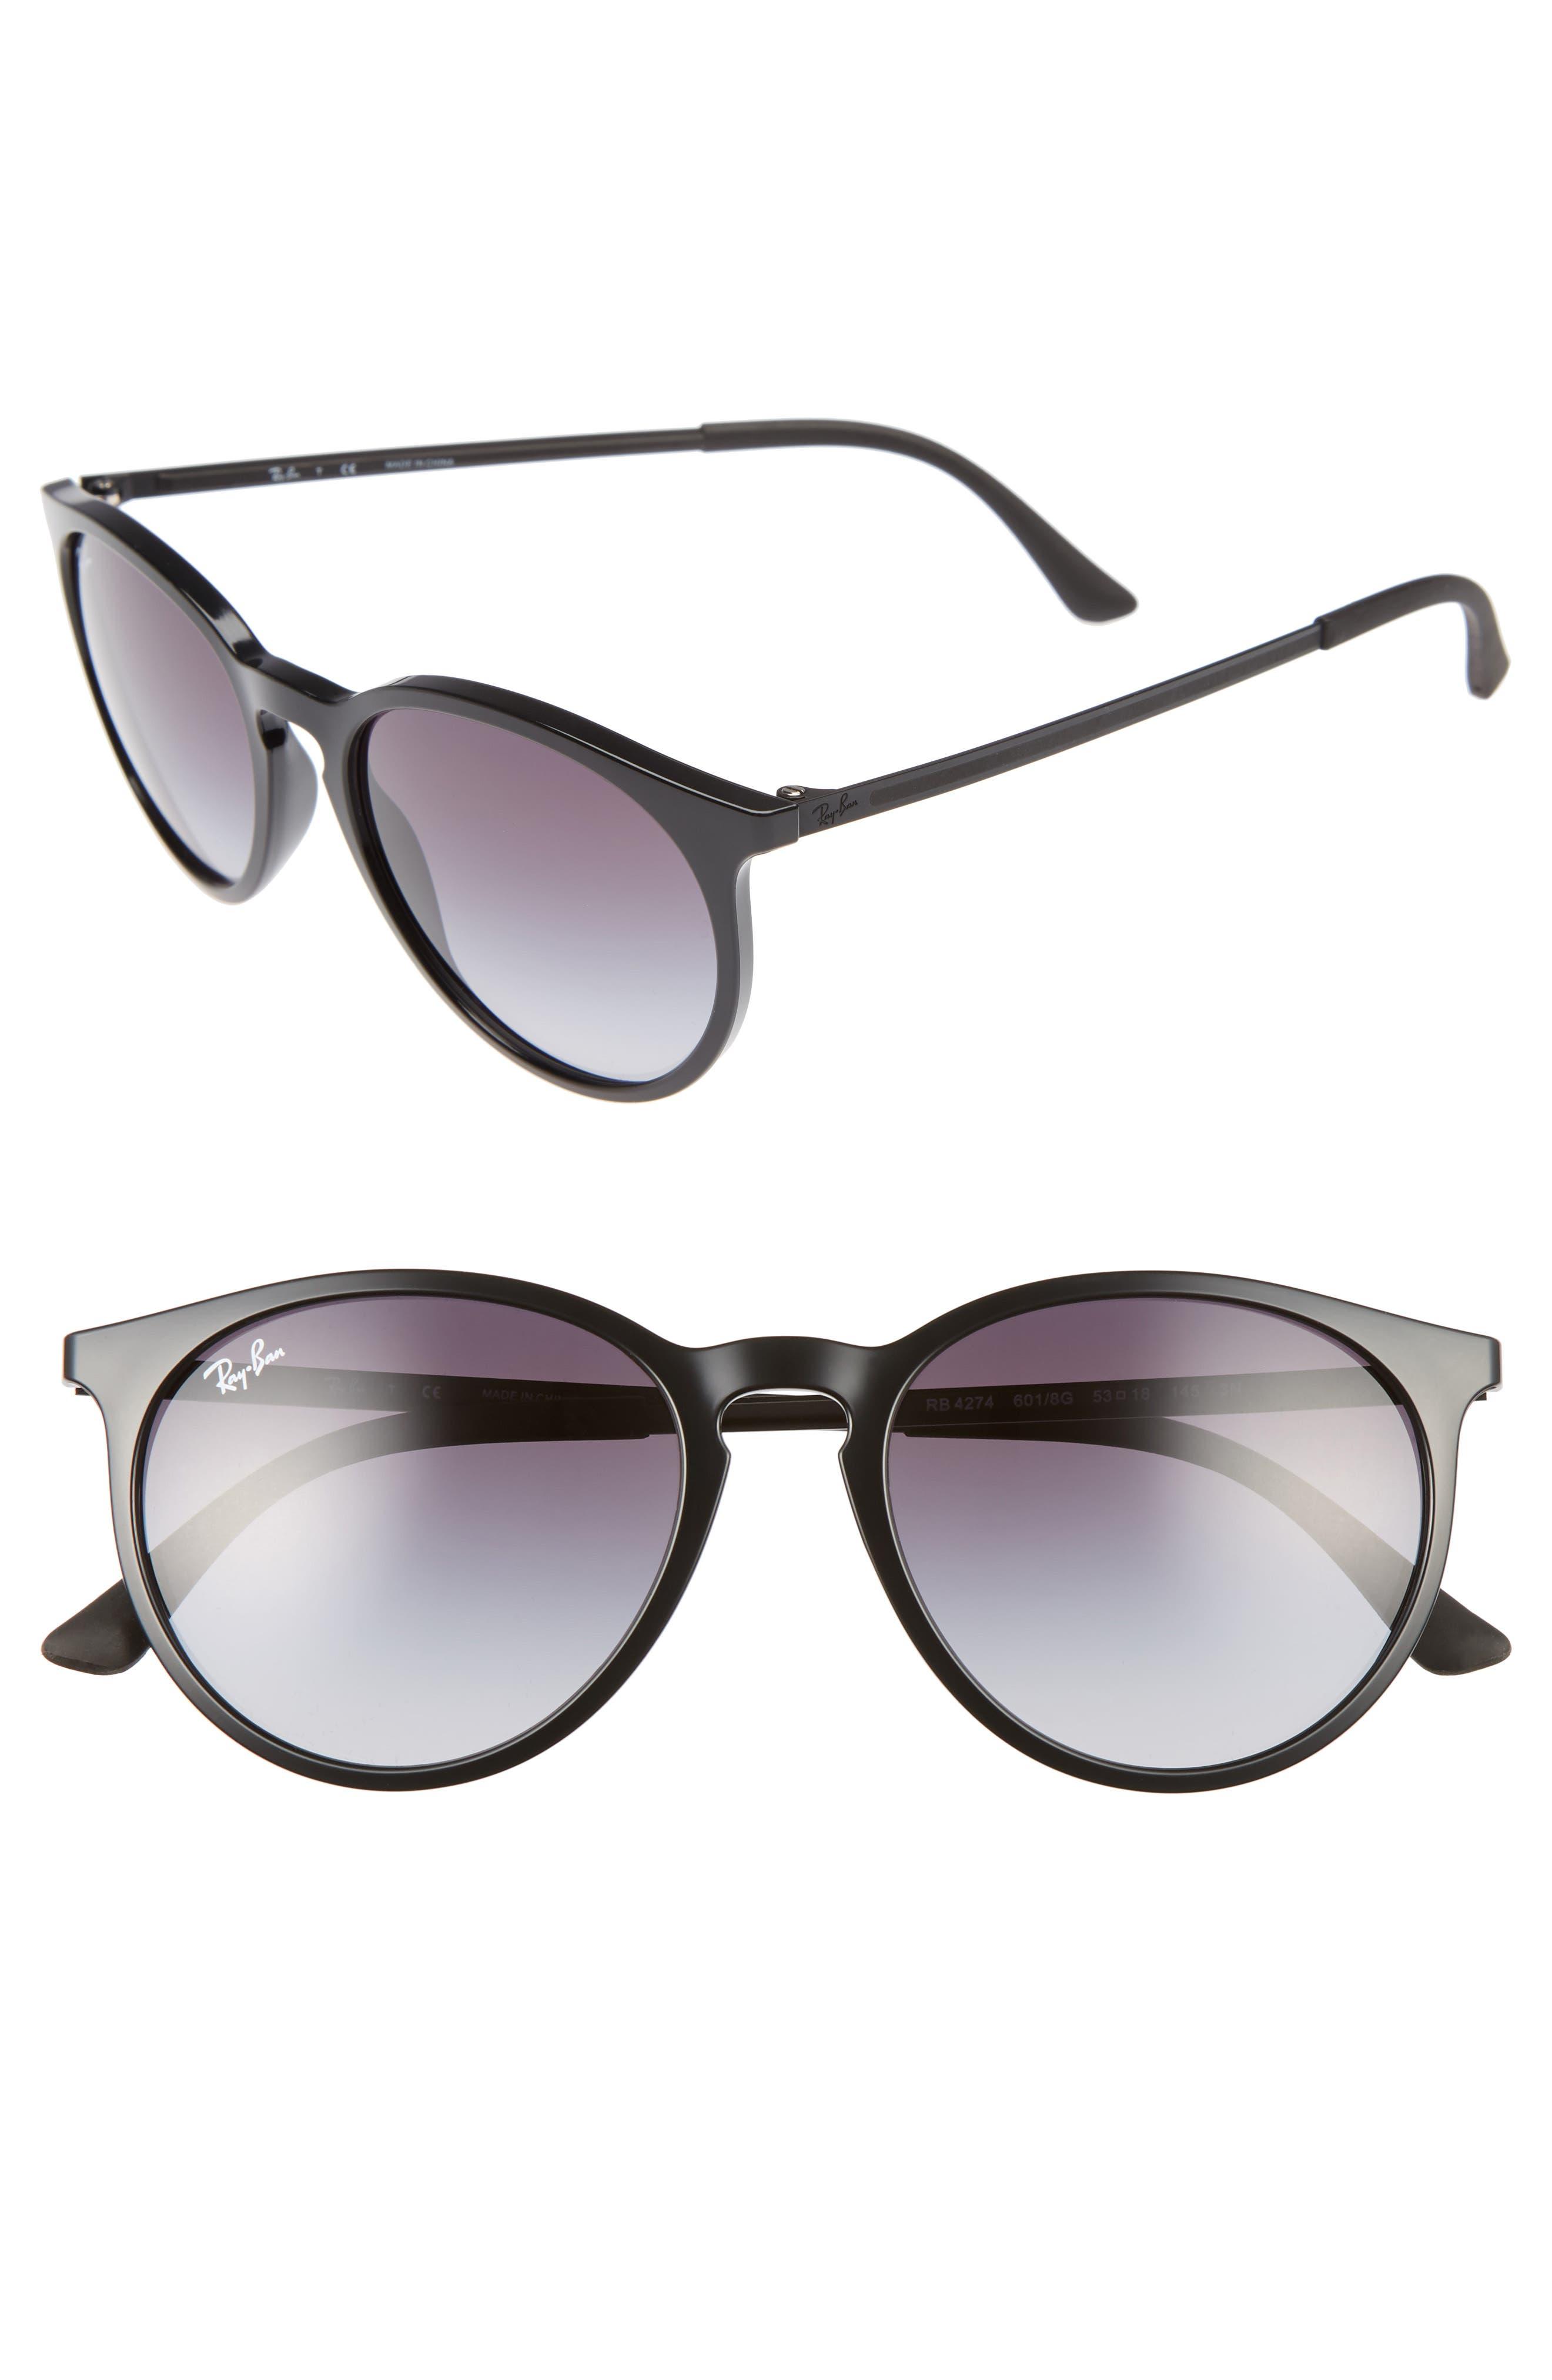 53mm Gradient Lens Retro Sunglasses,                             Main thumbnail 1, color,                             001